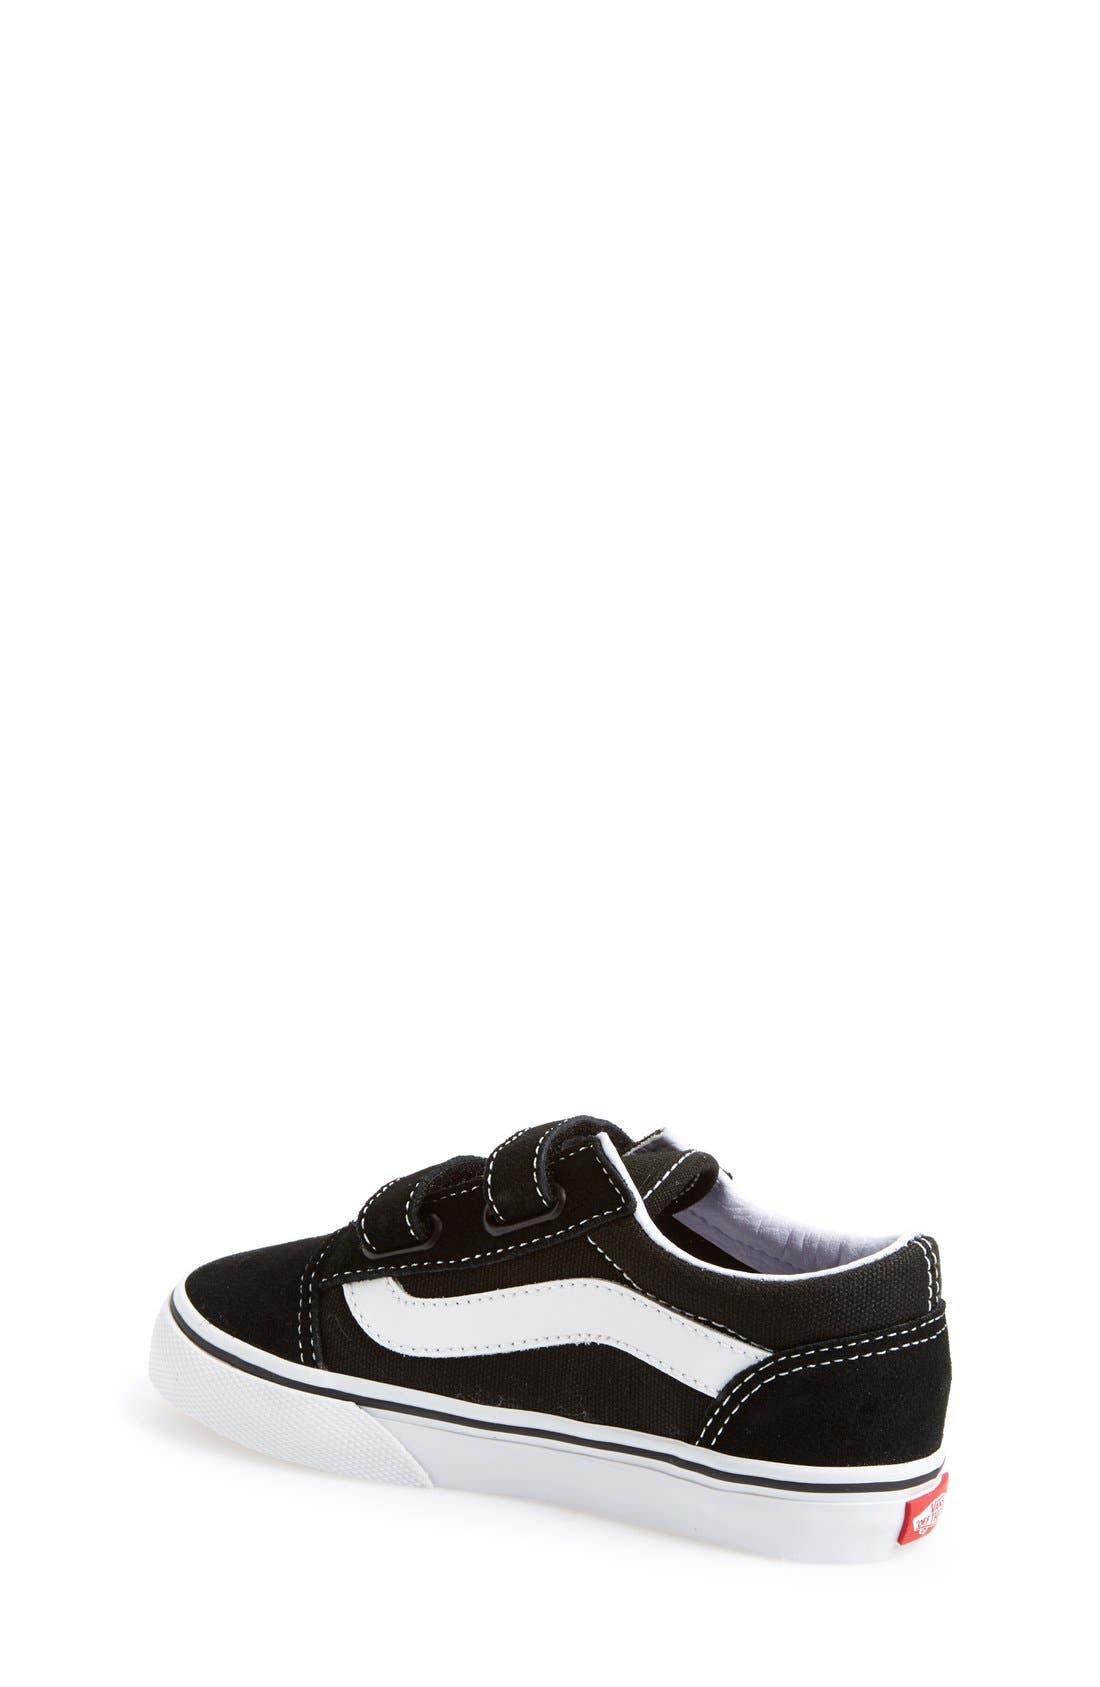 Alternate Image 2  - Vans 'Old Skool' Sneaker (Baby, Walker & Toddler)